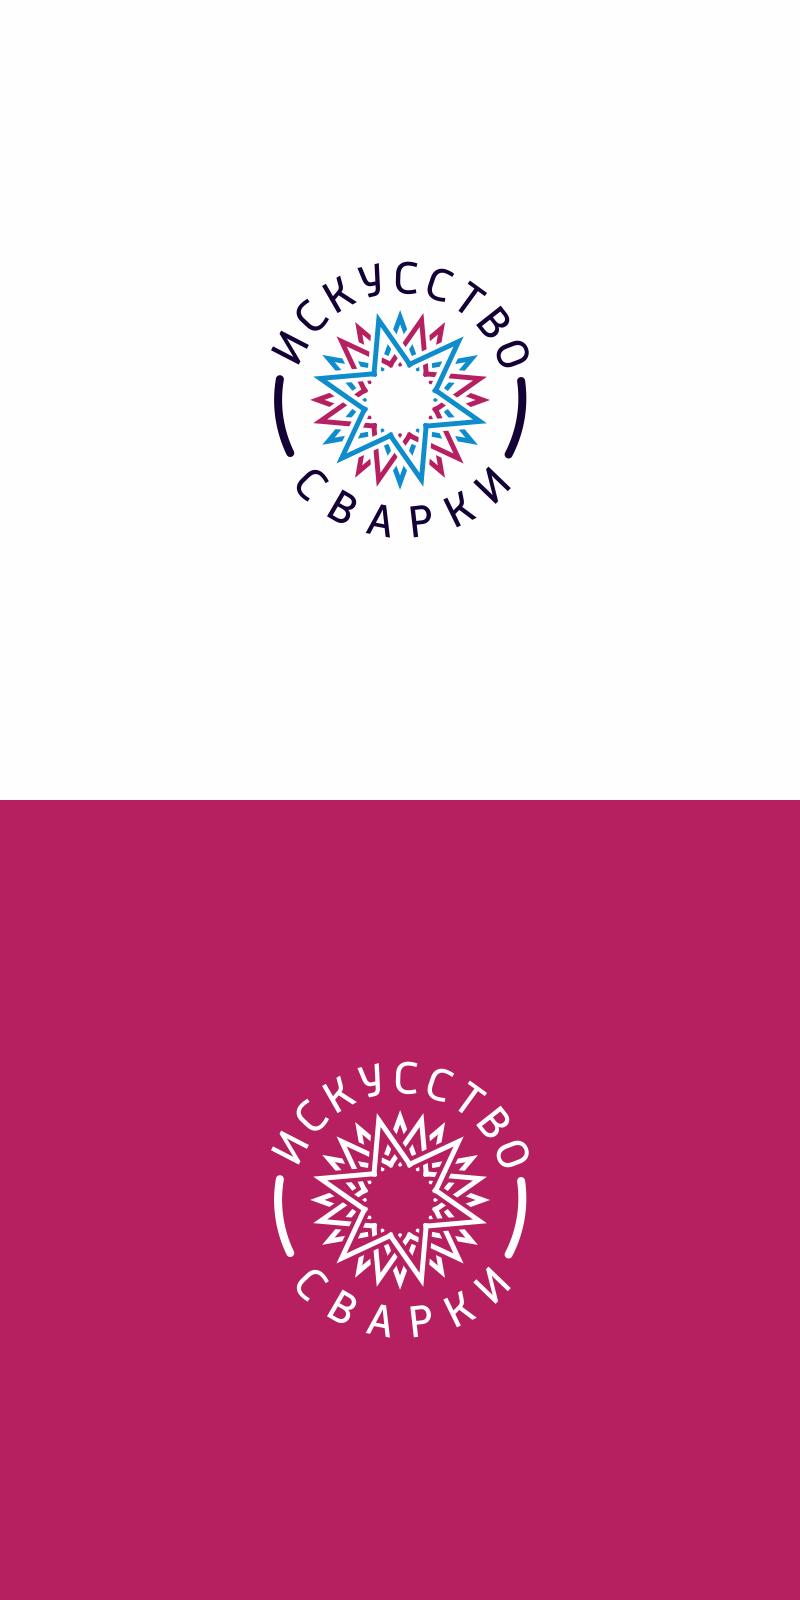 Разработка логотипа для Конкурса фото f_8575f70e07f9e5ec.png